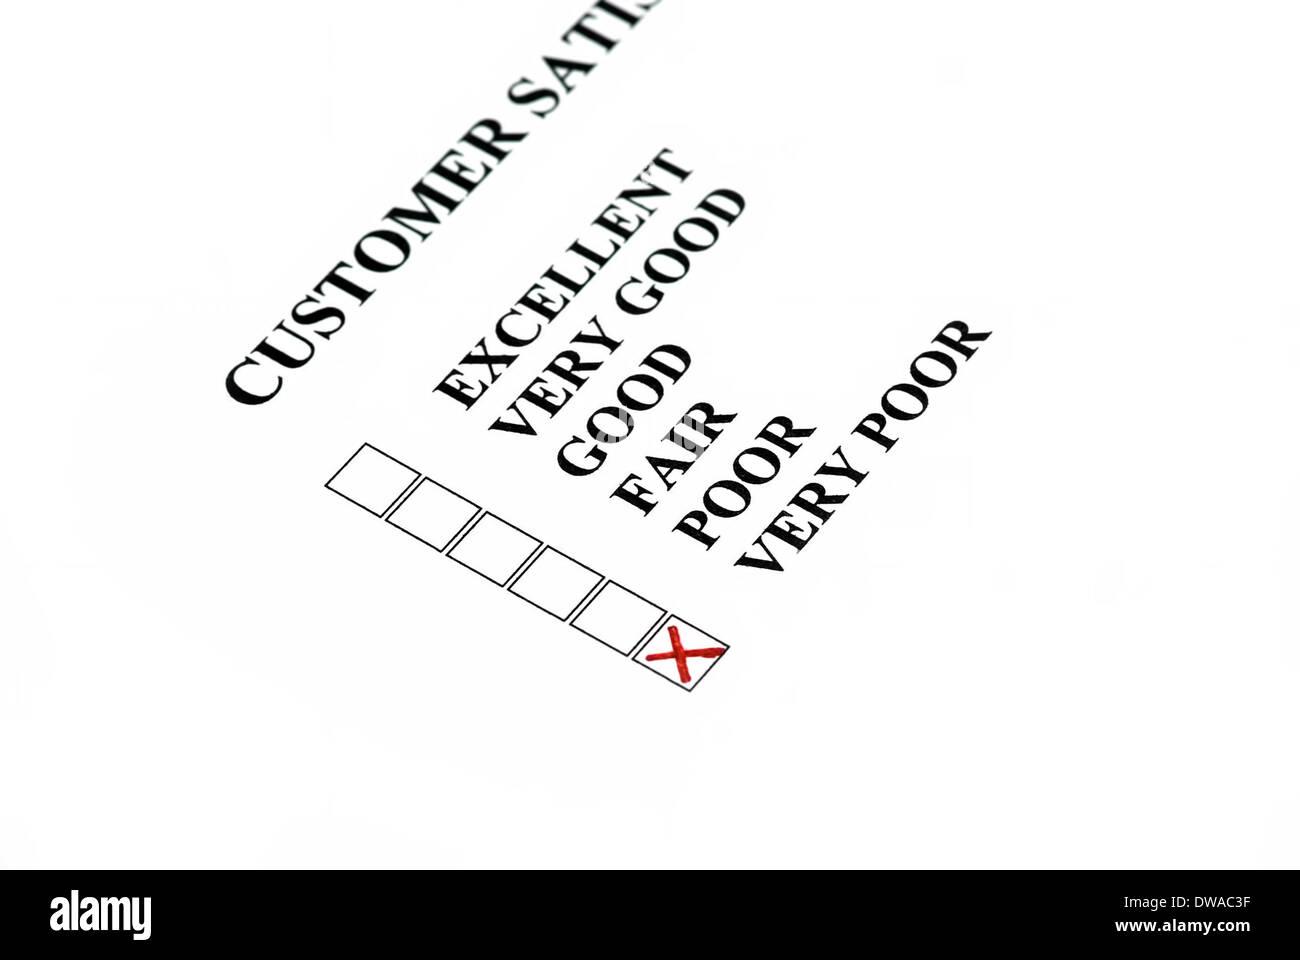 Kundenzufriedenheit: Kunden wählen ist sehr schlecht. Stockbild